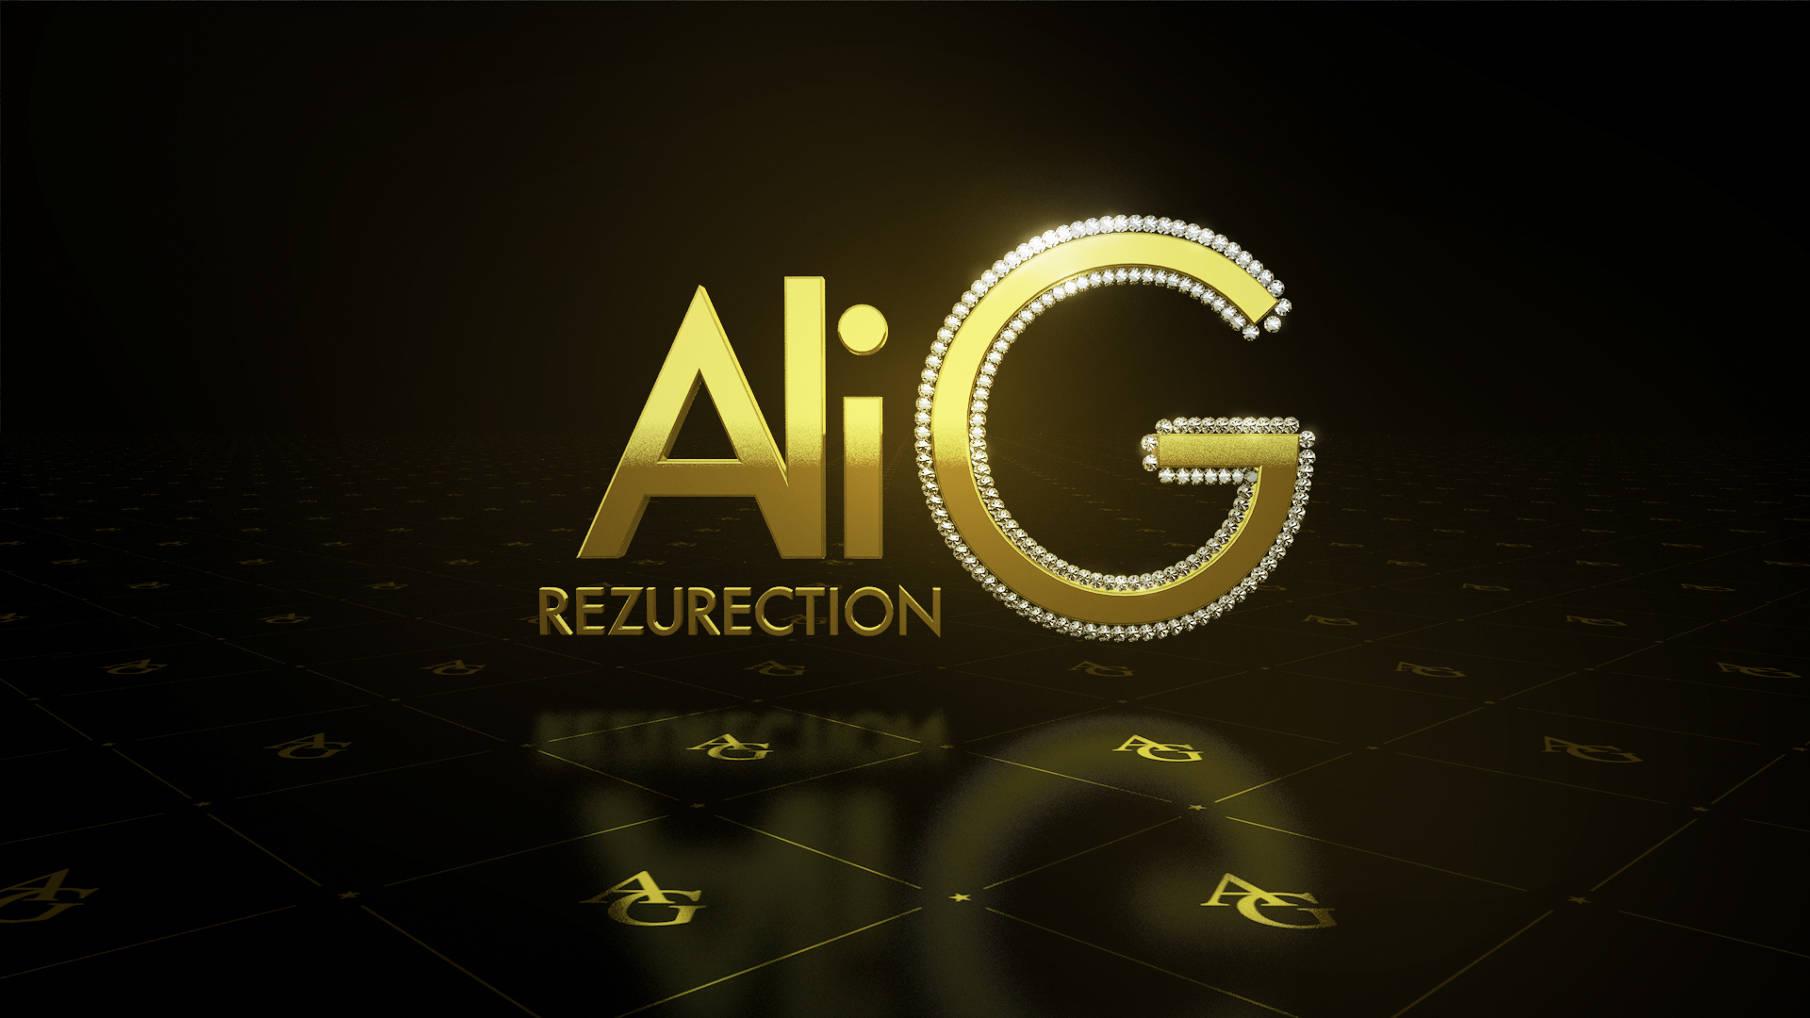 alig_logo_3_905_2x.jpg